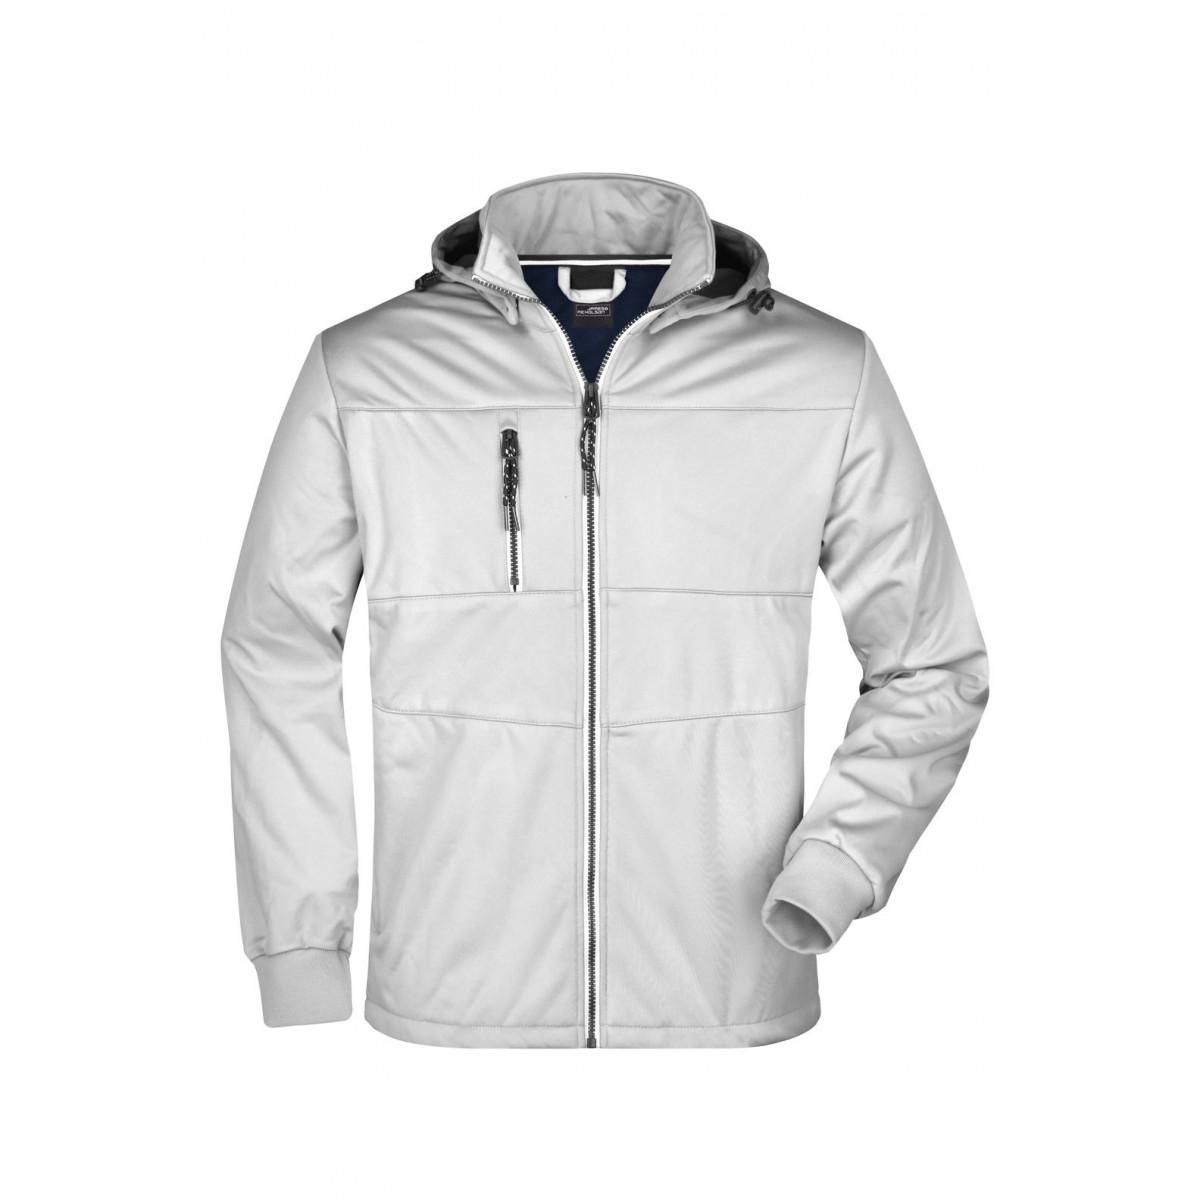 Куртка мужская JN1078 Mens Maritime Jacket - Белый/Белый/Темно-синий